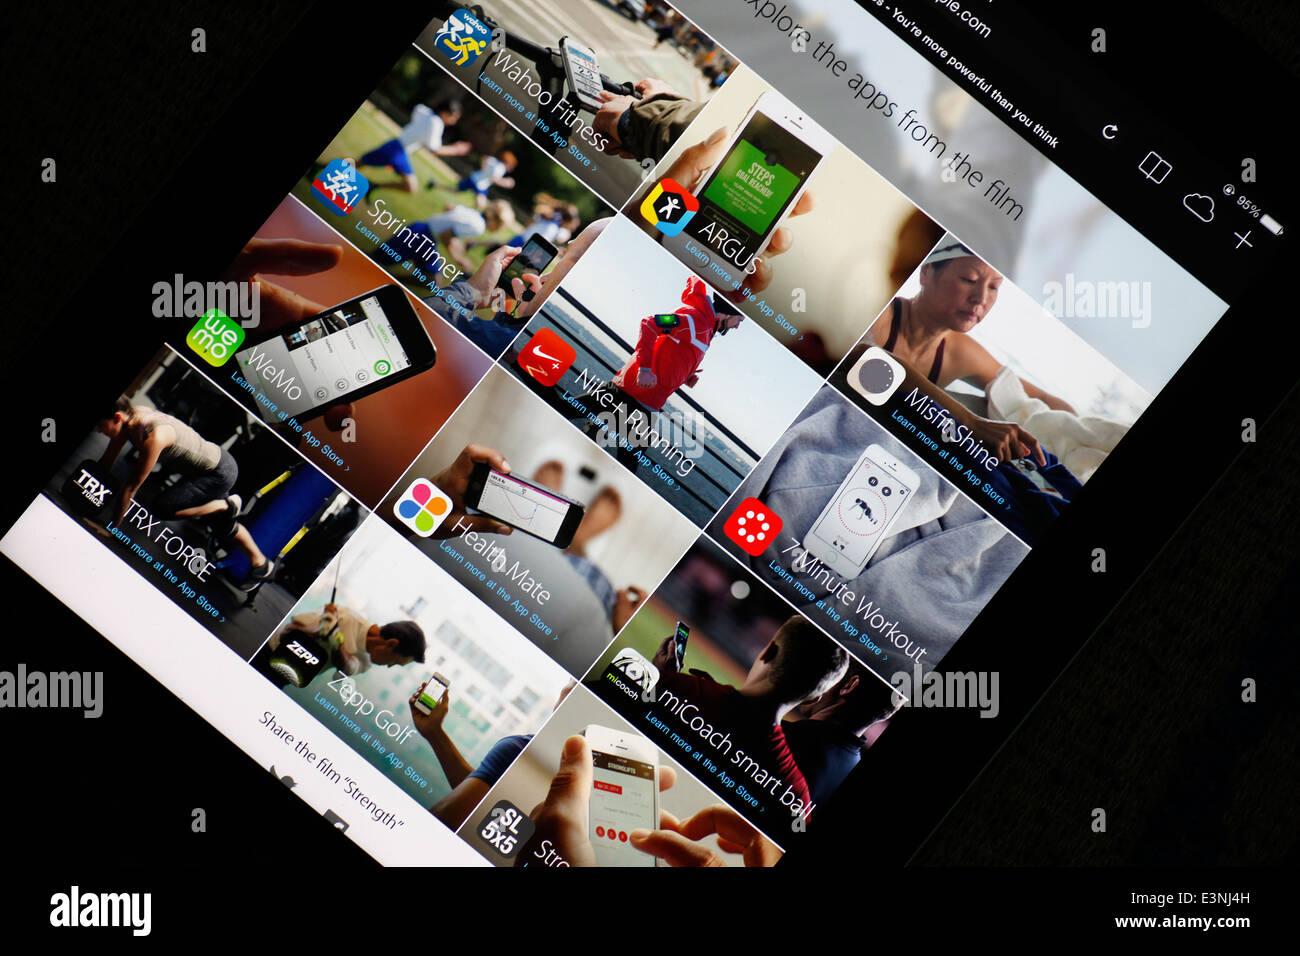 Apple AppStore Imagen De Stock